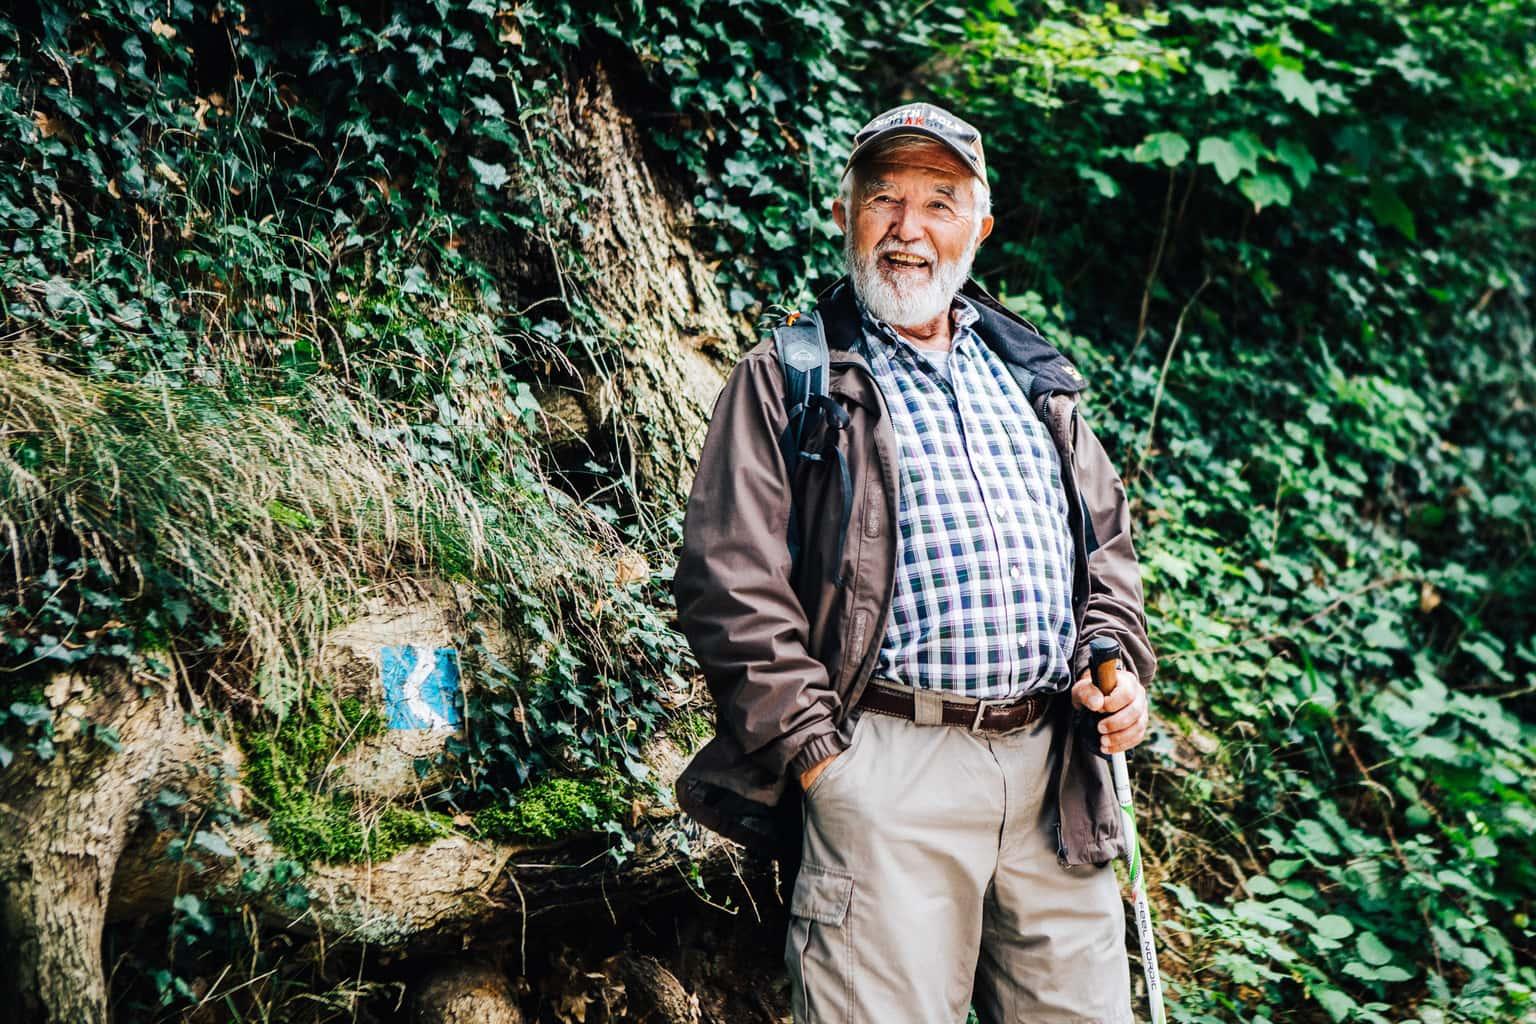 Een gelukkige wandelaar beleeft een goed tijd in Linz am Rhein